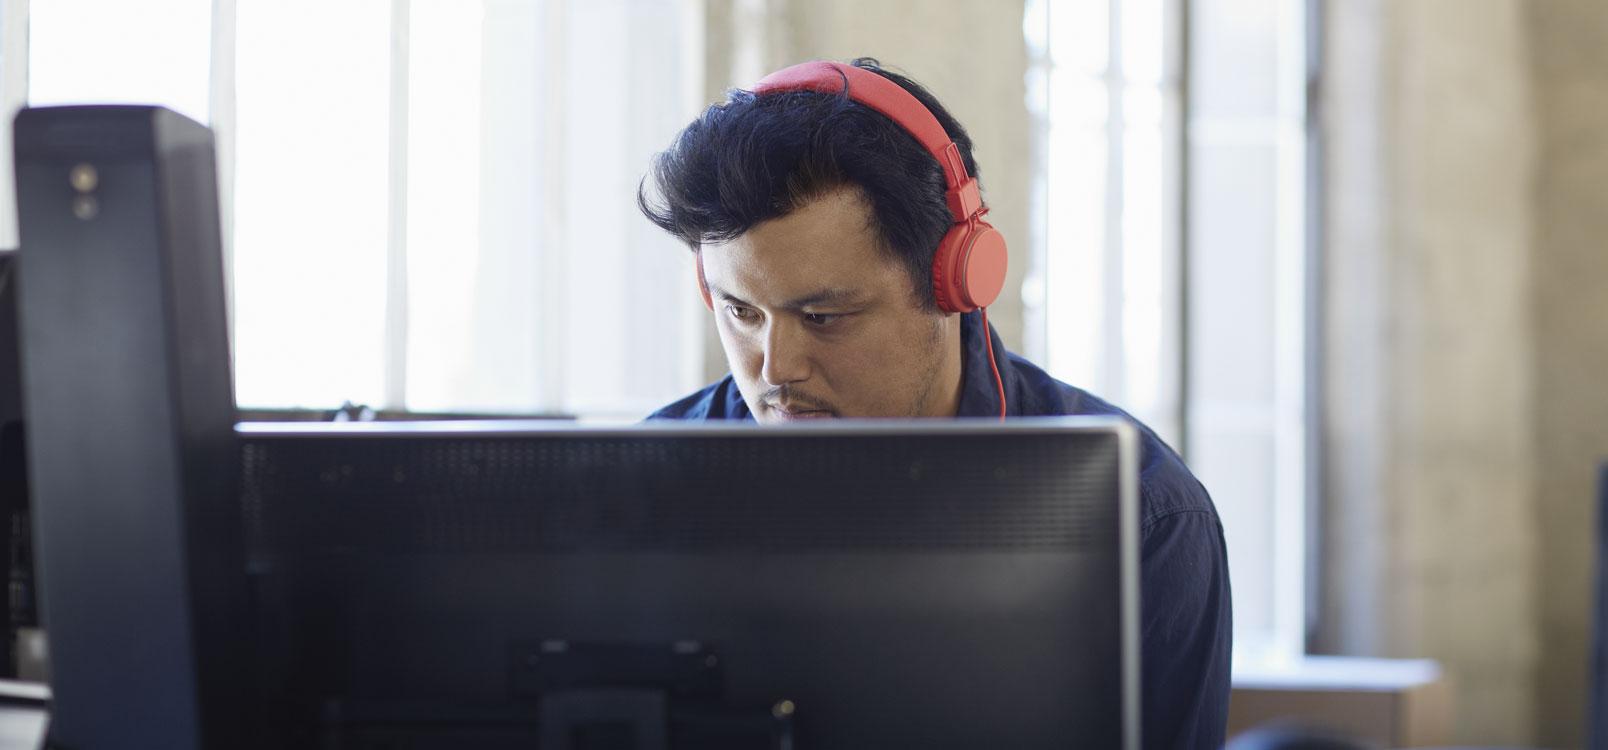 Мъж със слушалки работи на настолен компютър и използва Office 365, за да опрости ИТ.